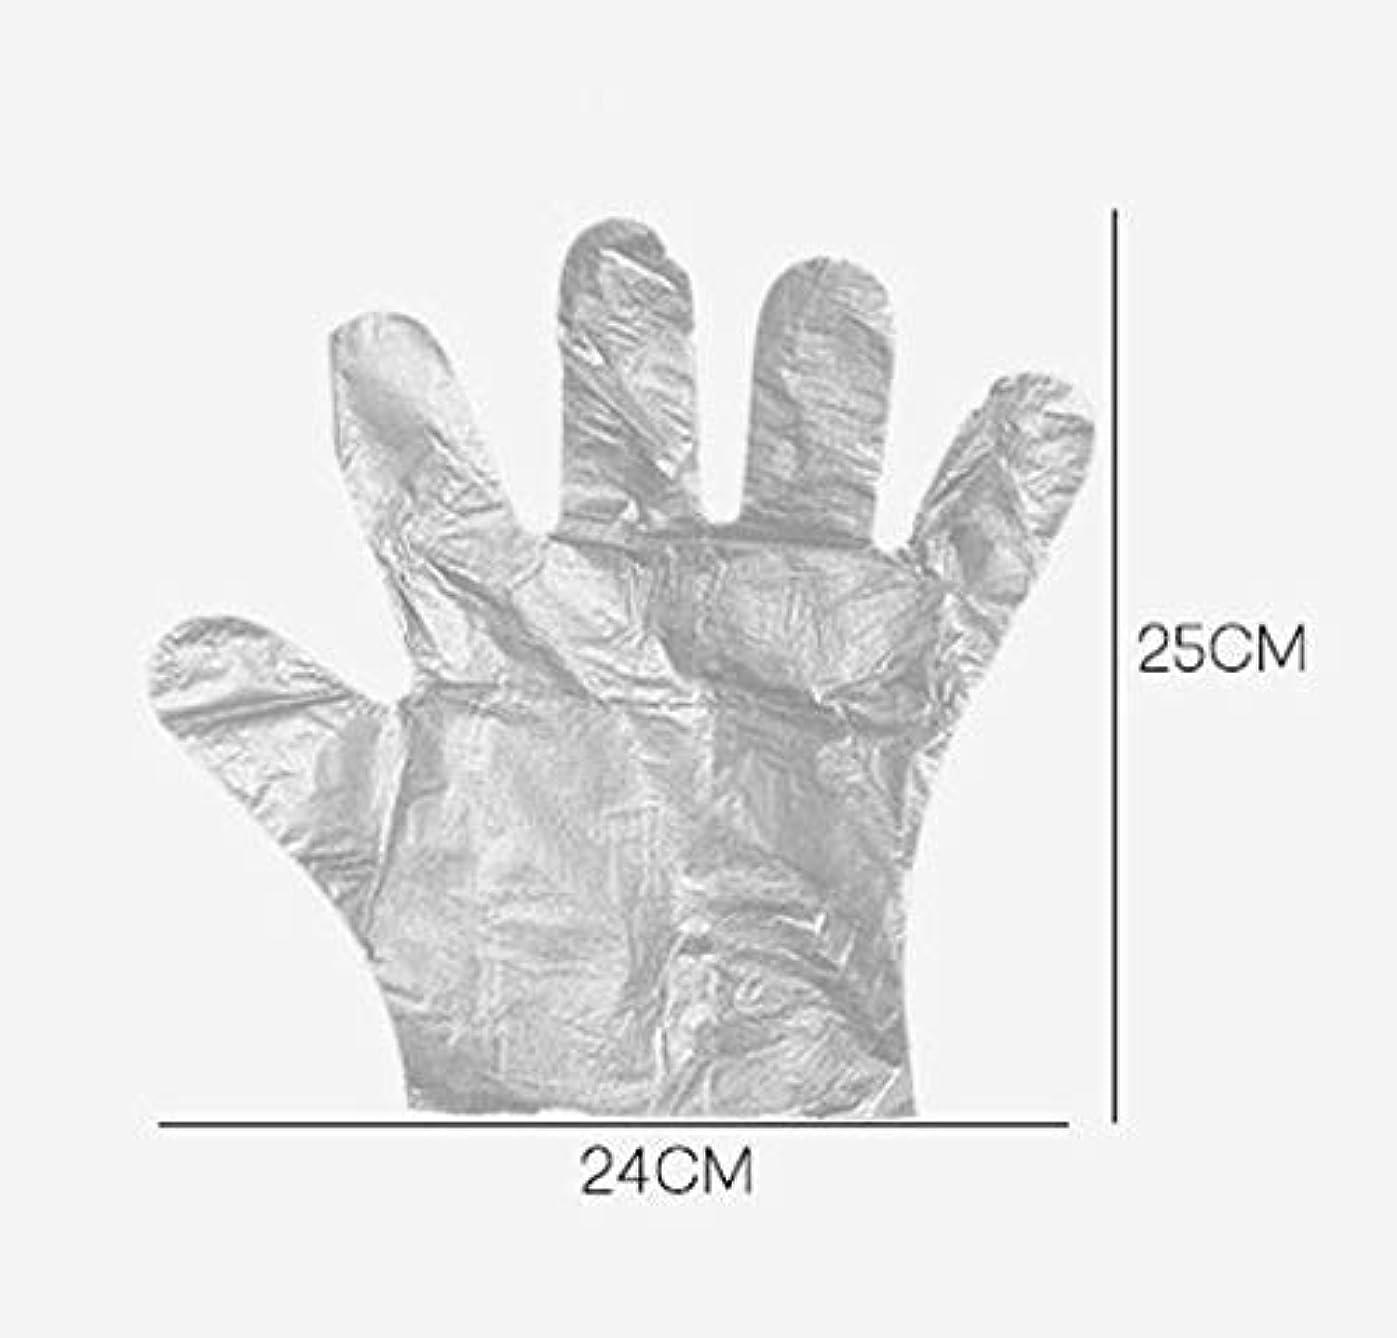 霧深いリビングルームパワーセルHJ ポリ手袋 使い捨て手袋 ポリエチレン使い切り手袋 極薄い 使い切り手袋 透明手袋 耐油 防水 介護 トイレ掃除 左右兼用 手荒れを防ぎ 素手 薄いタイプ (1000ペアセット)